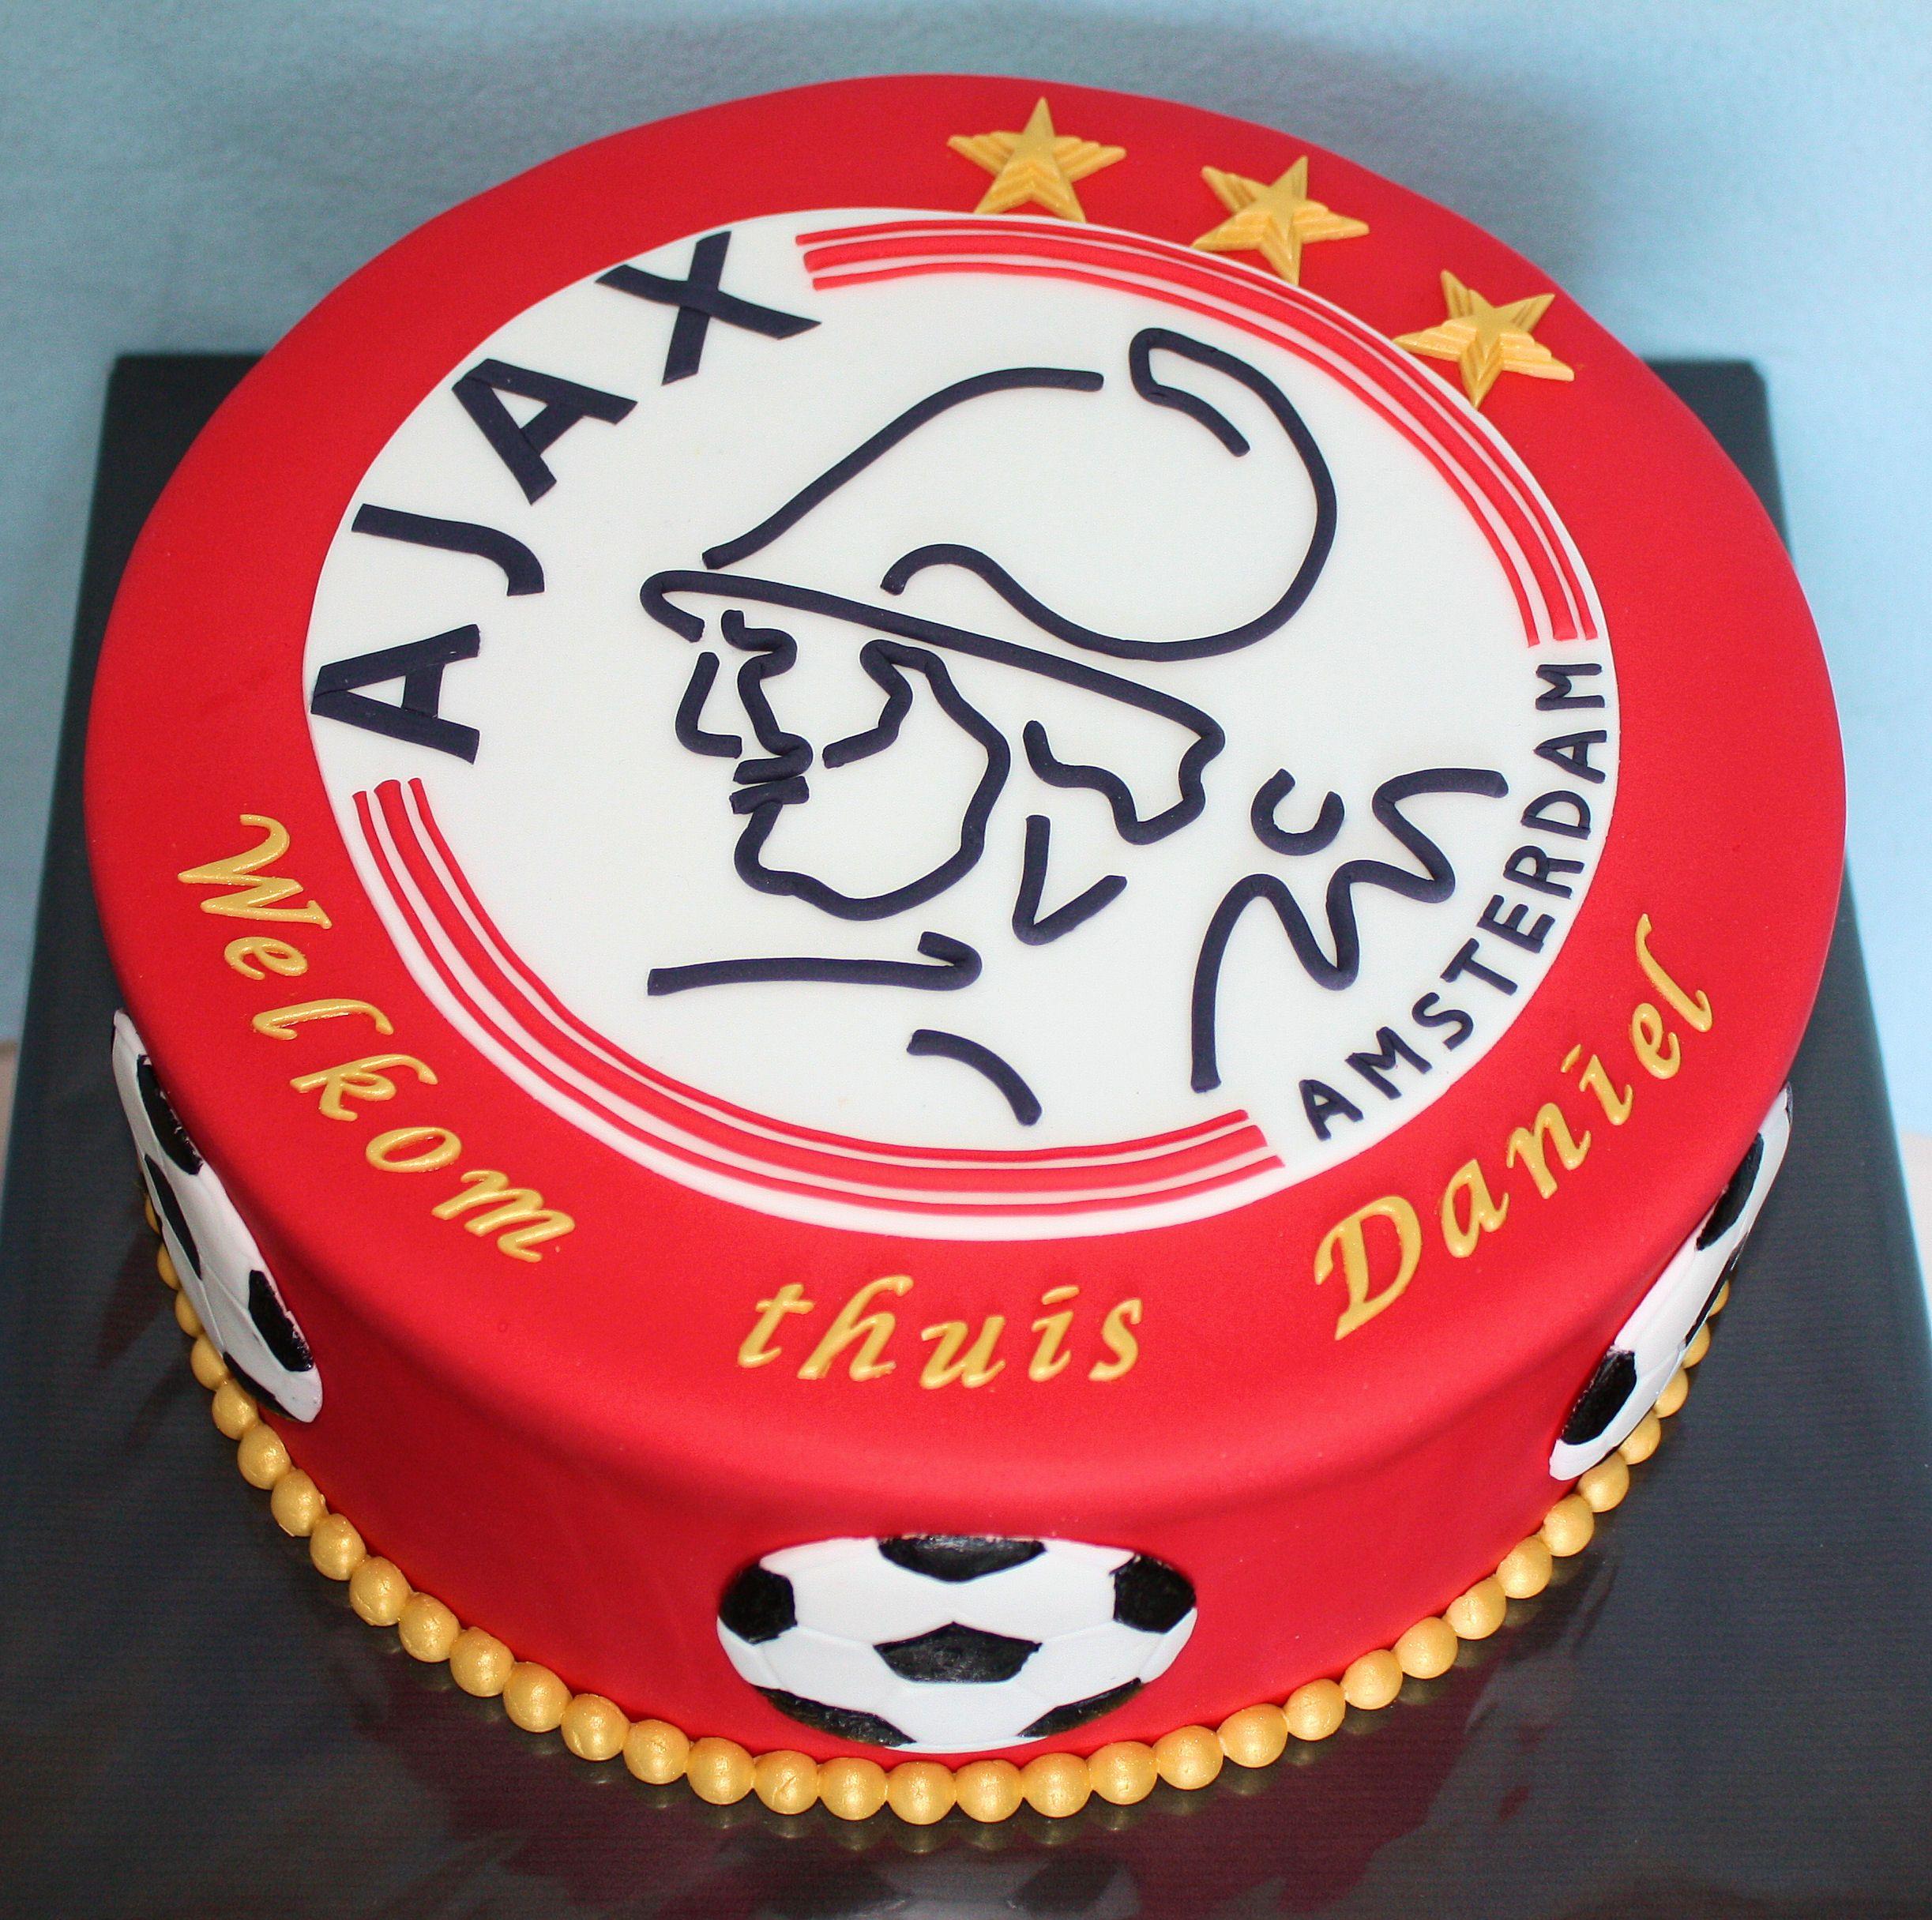 Zeer Ajax Taart / Ajax cake | torty in 2019 - Soccer cake, Birthday #CB25